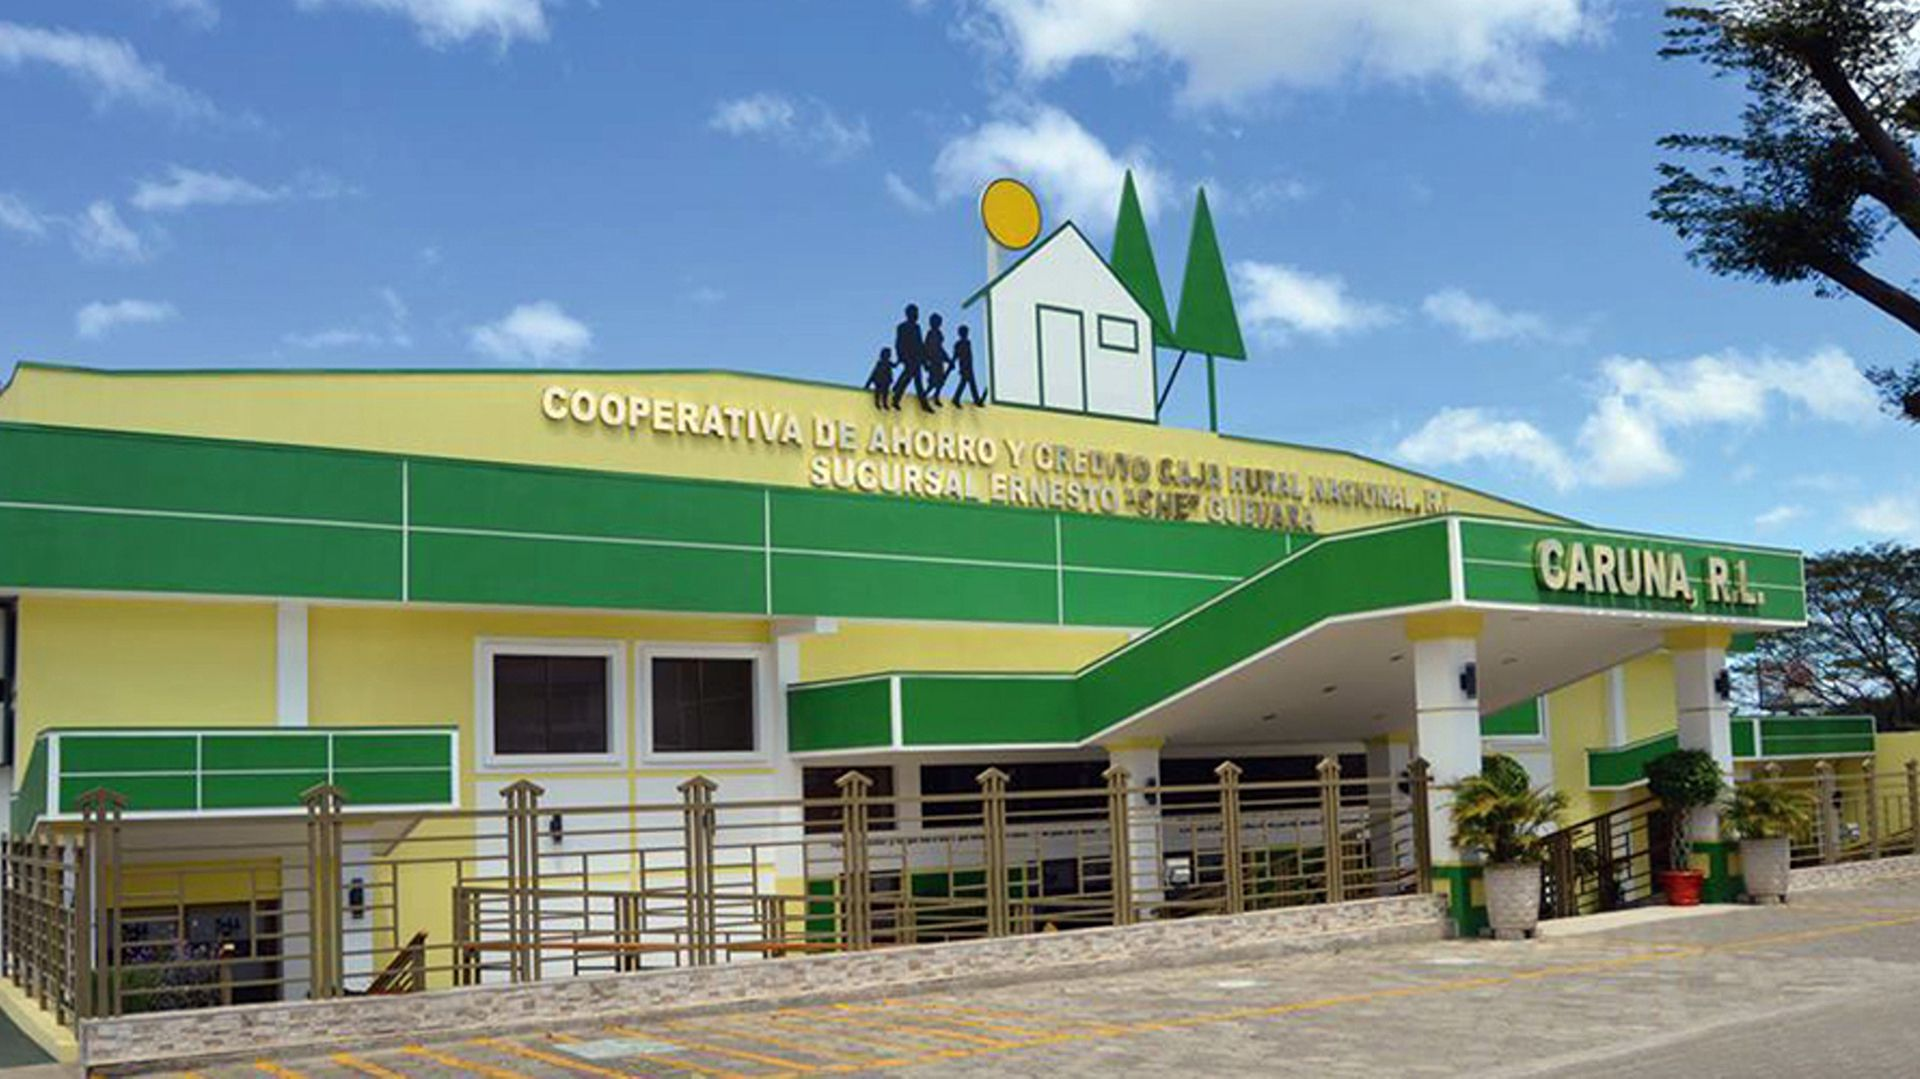 Las principales oficinas de la Cooperativa Caruna, que crecieron al calor del dinero de los negocios con el chavismo, fueron cerrando o limitando sus operaciones financieras desde abril de 2018. (Cortesía/La Prensa)